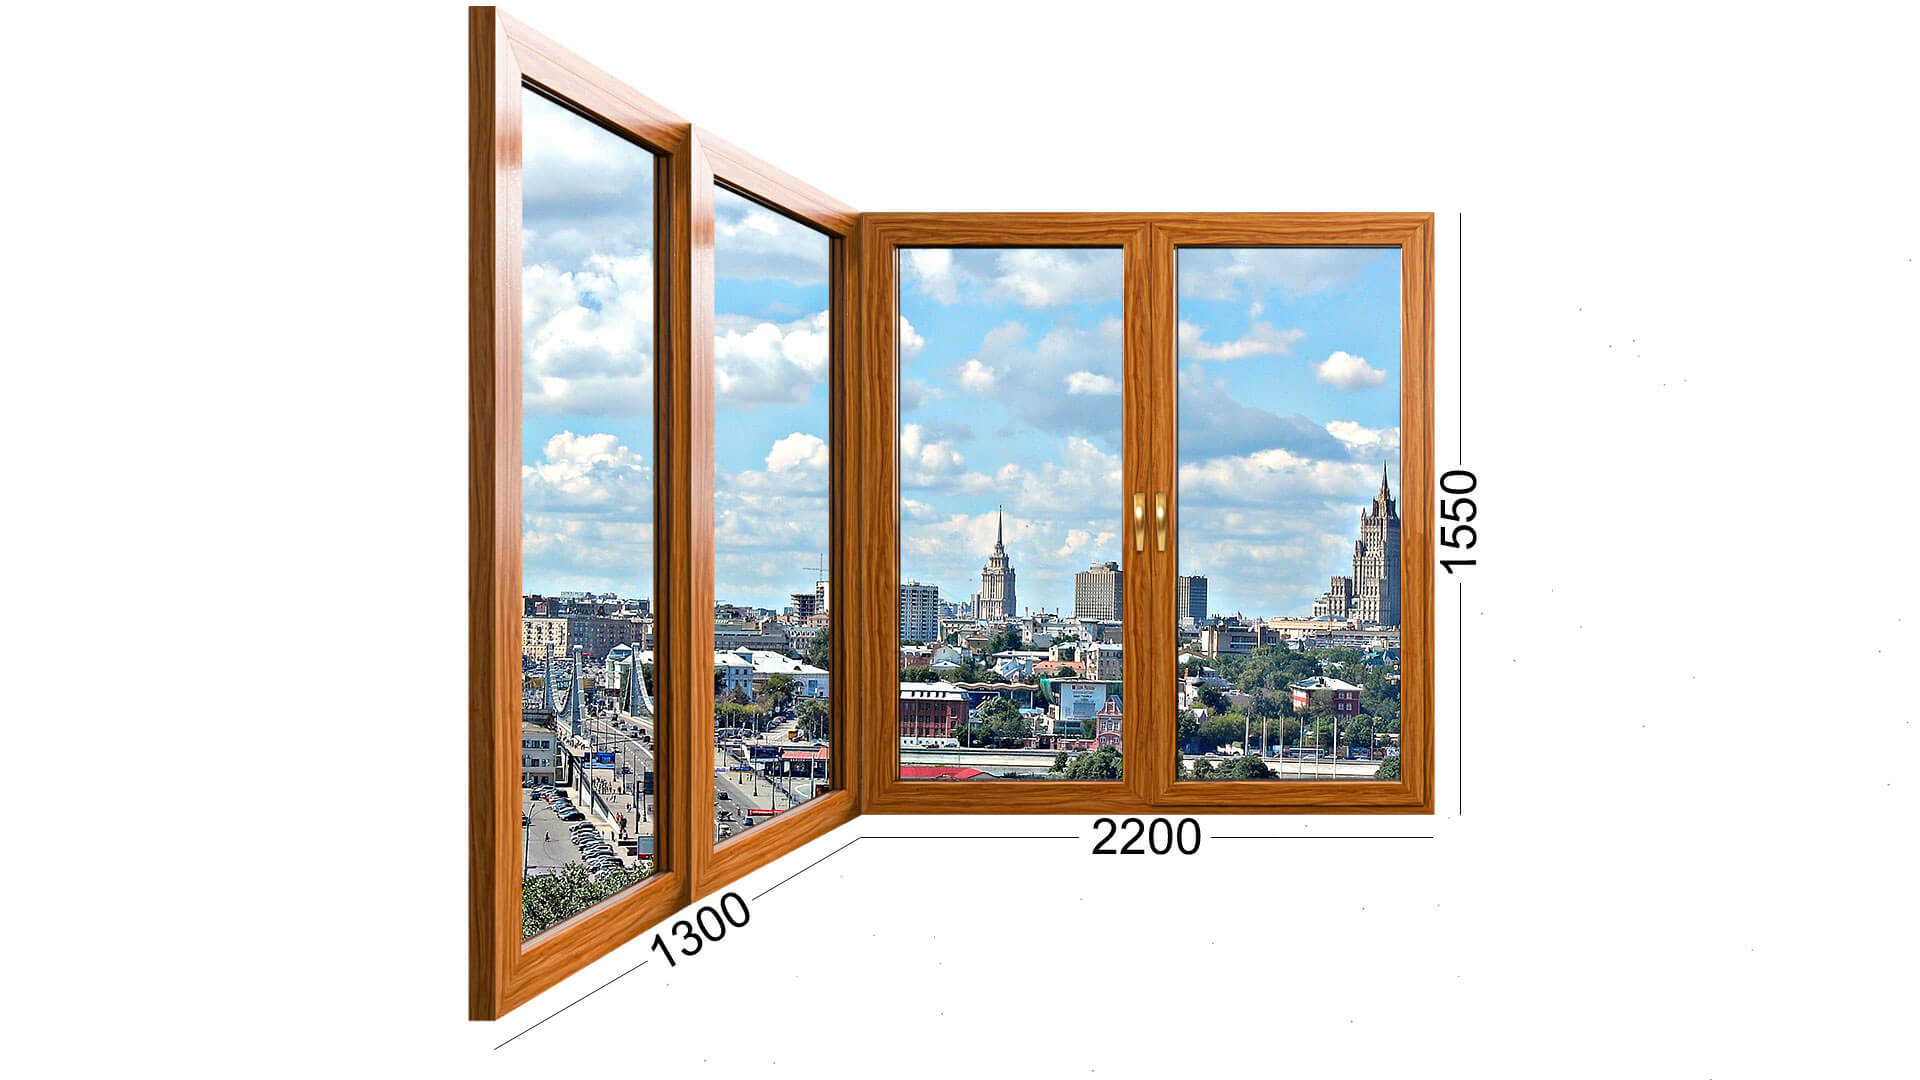 Фотография лоджии дома серии П-44Т, панельный. Деревянное окно, стеклопакет из дерева.